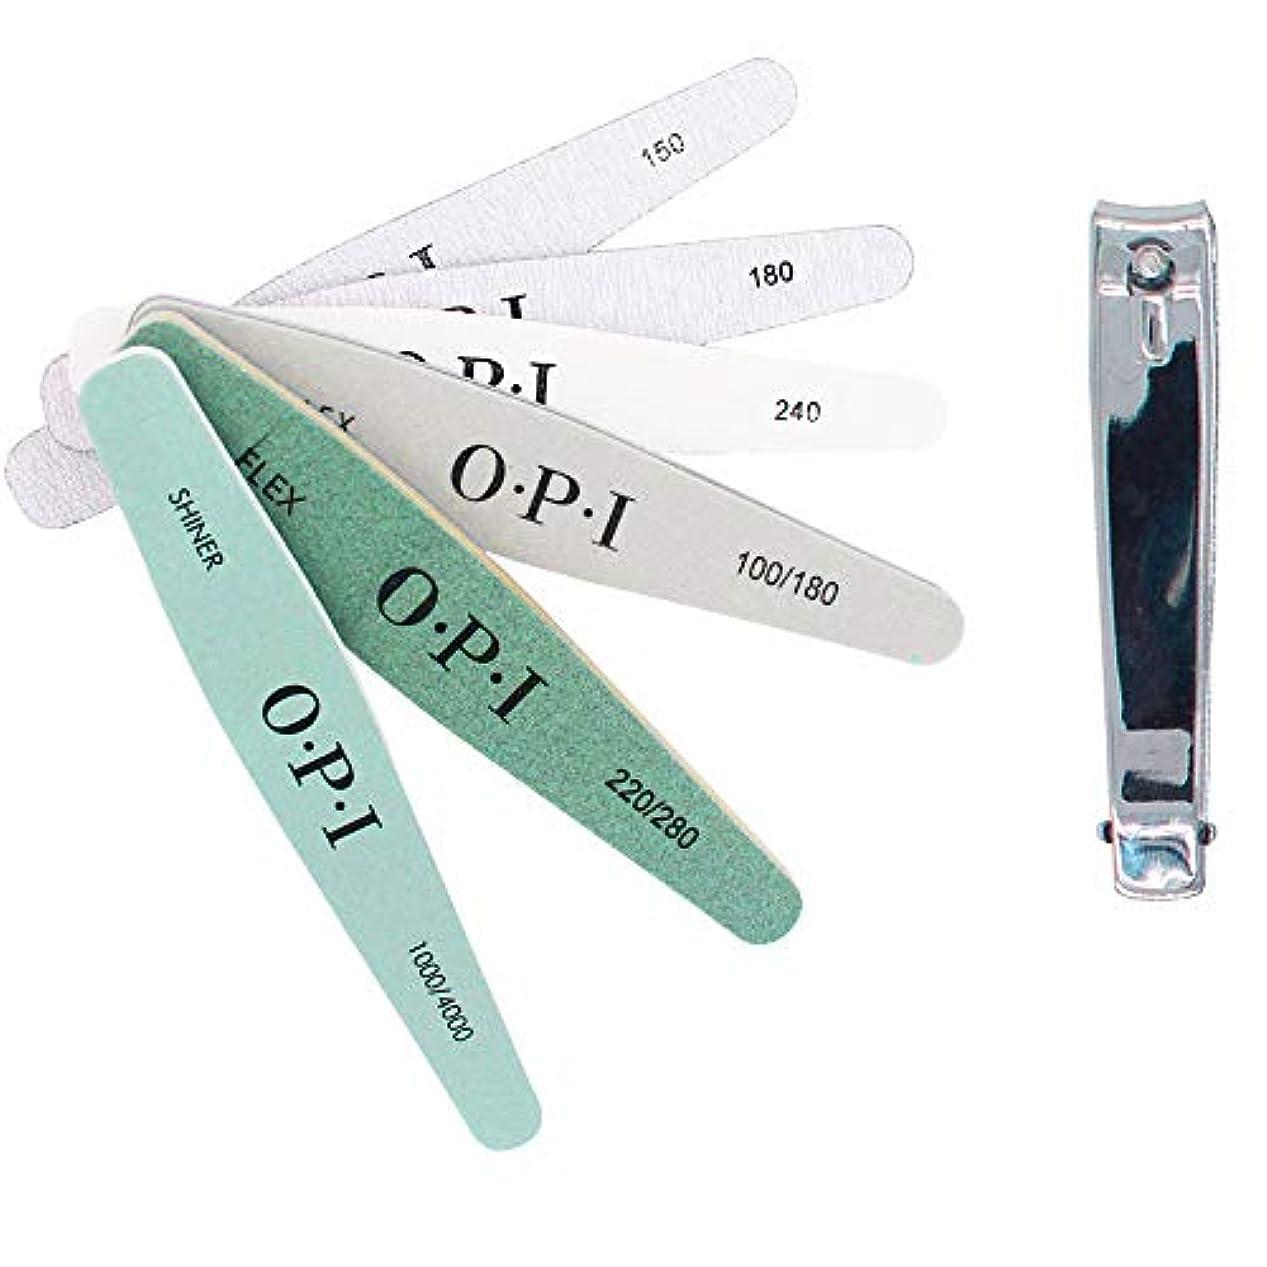 クラウン床を掃除するKINYOOOスポンジファイル、爪やすり、ネイルをつやつやに、のネイルツール、 150/180/200/240/280/1000/4000と(1 PCSメタルネイルはさみ)、ネイルケア用化粧マニキュアペディキュアセット。